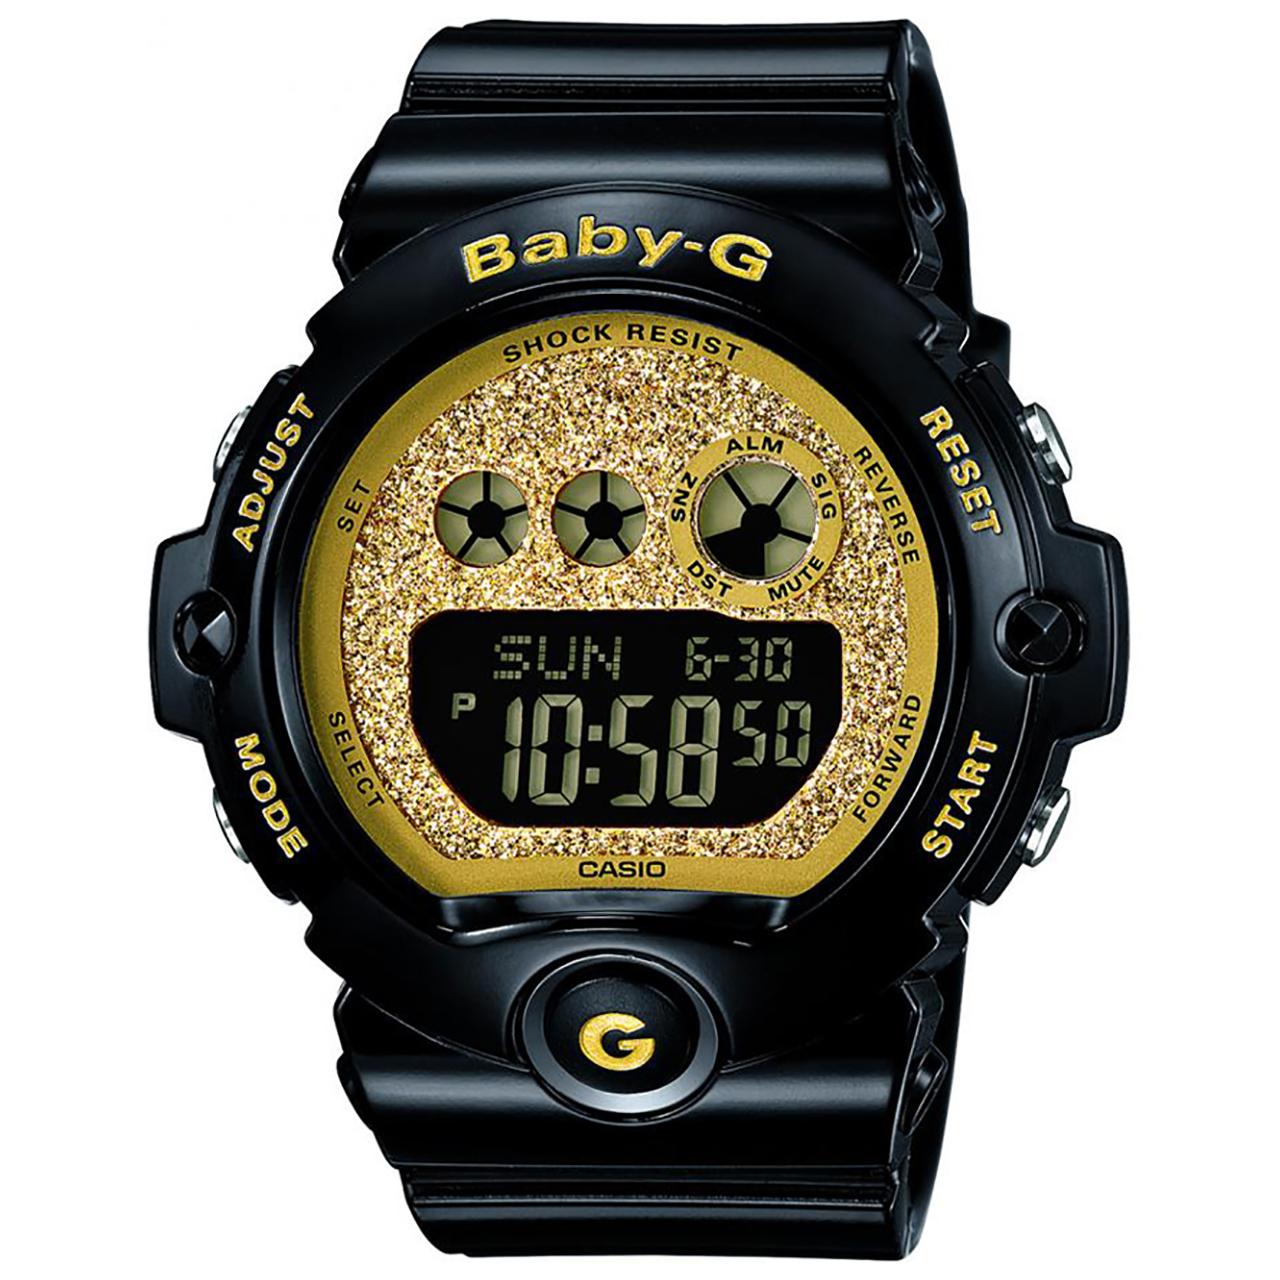 ساعت مچی دیجیتالی کاسیو بی بی جی مدل BG-6900SG-1DR